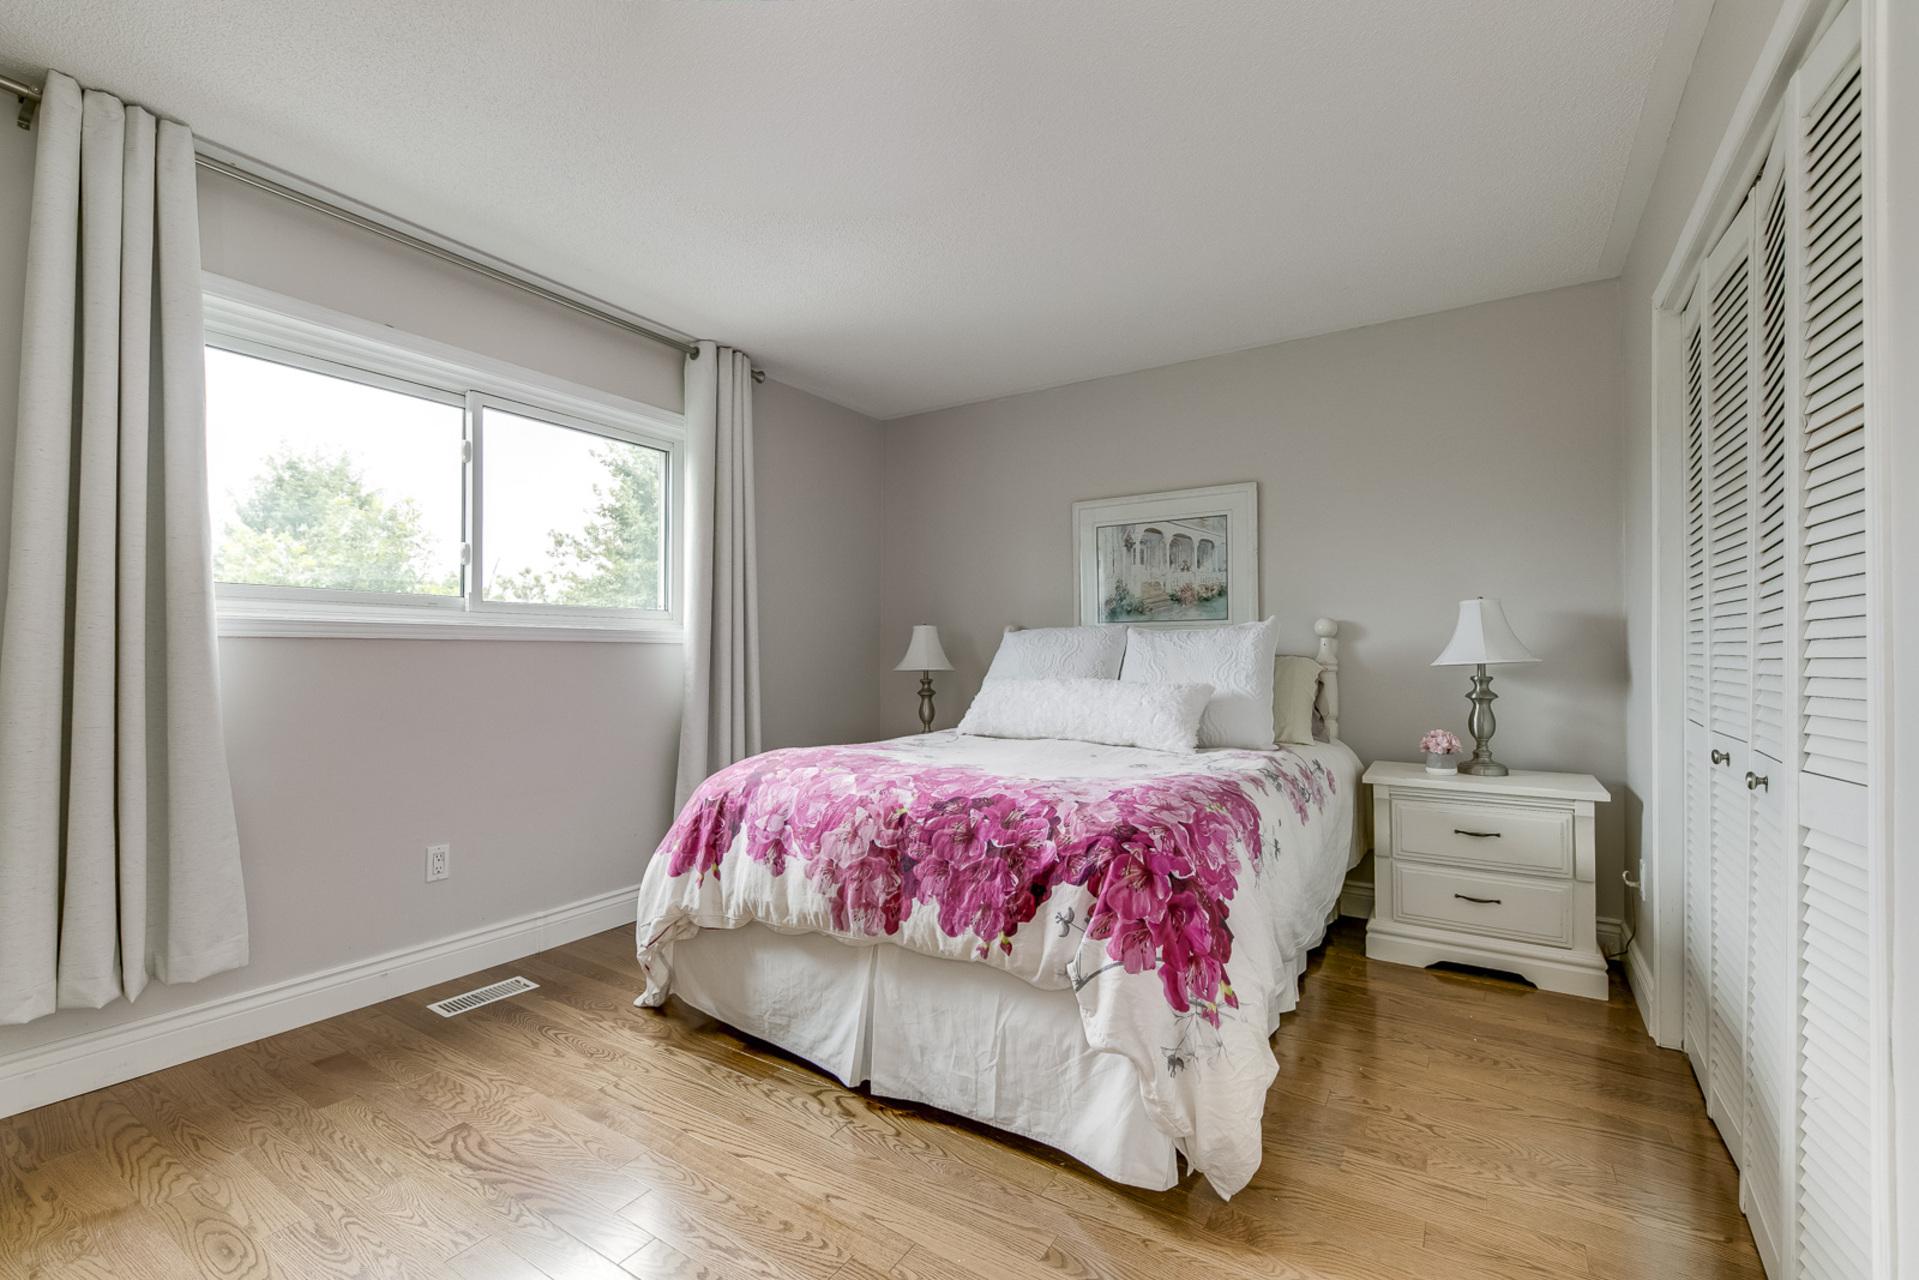 Master Bedroom - 2407 Stefi Tr, Oakville - Elite3 & Team at 2407 Stefi Trail, River Oaks, Oakville